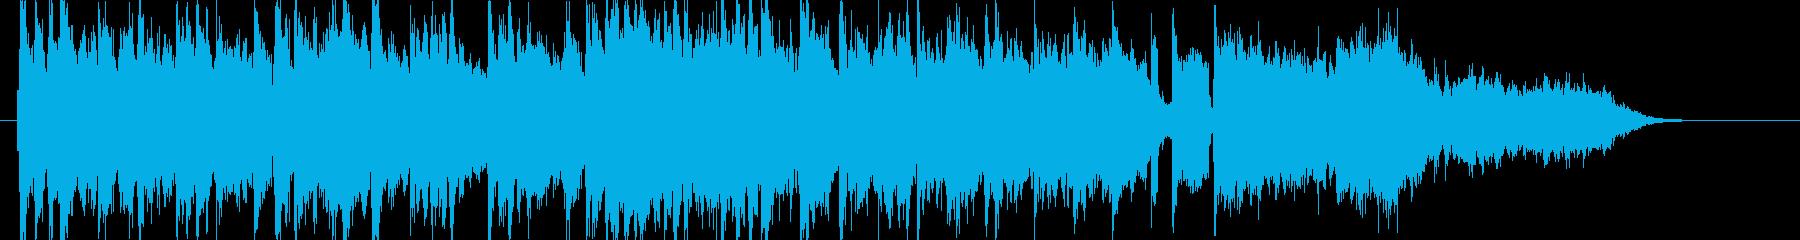 感動的で壮大なシンセ・管楽器・ピアノ短めの再生済みの波形